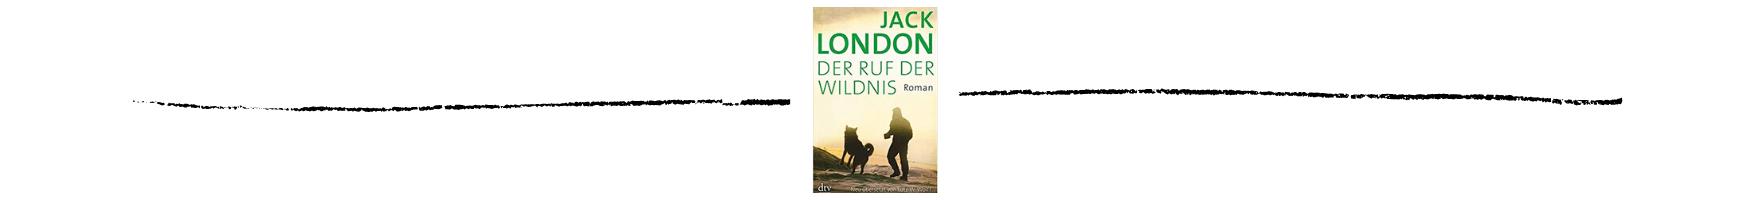 Ruf der Wildnis von Jack London